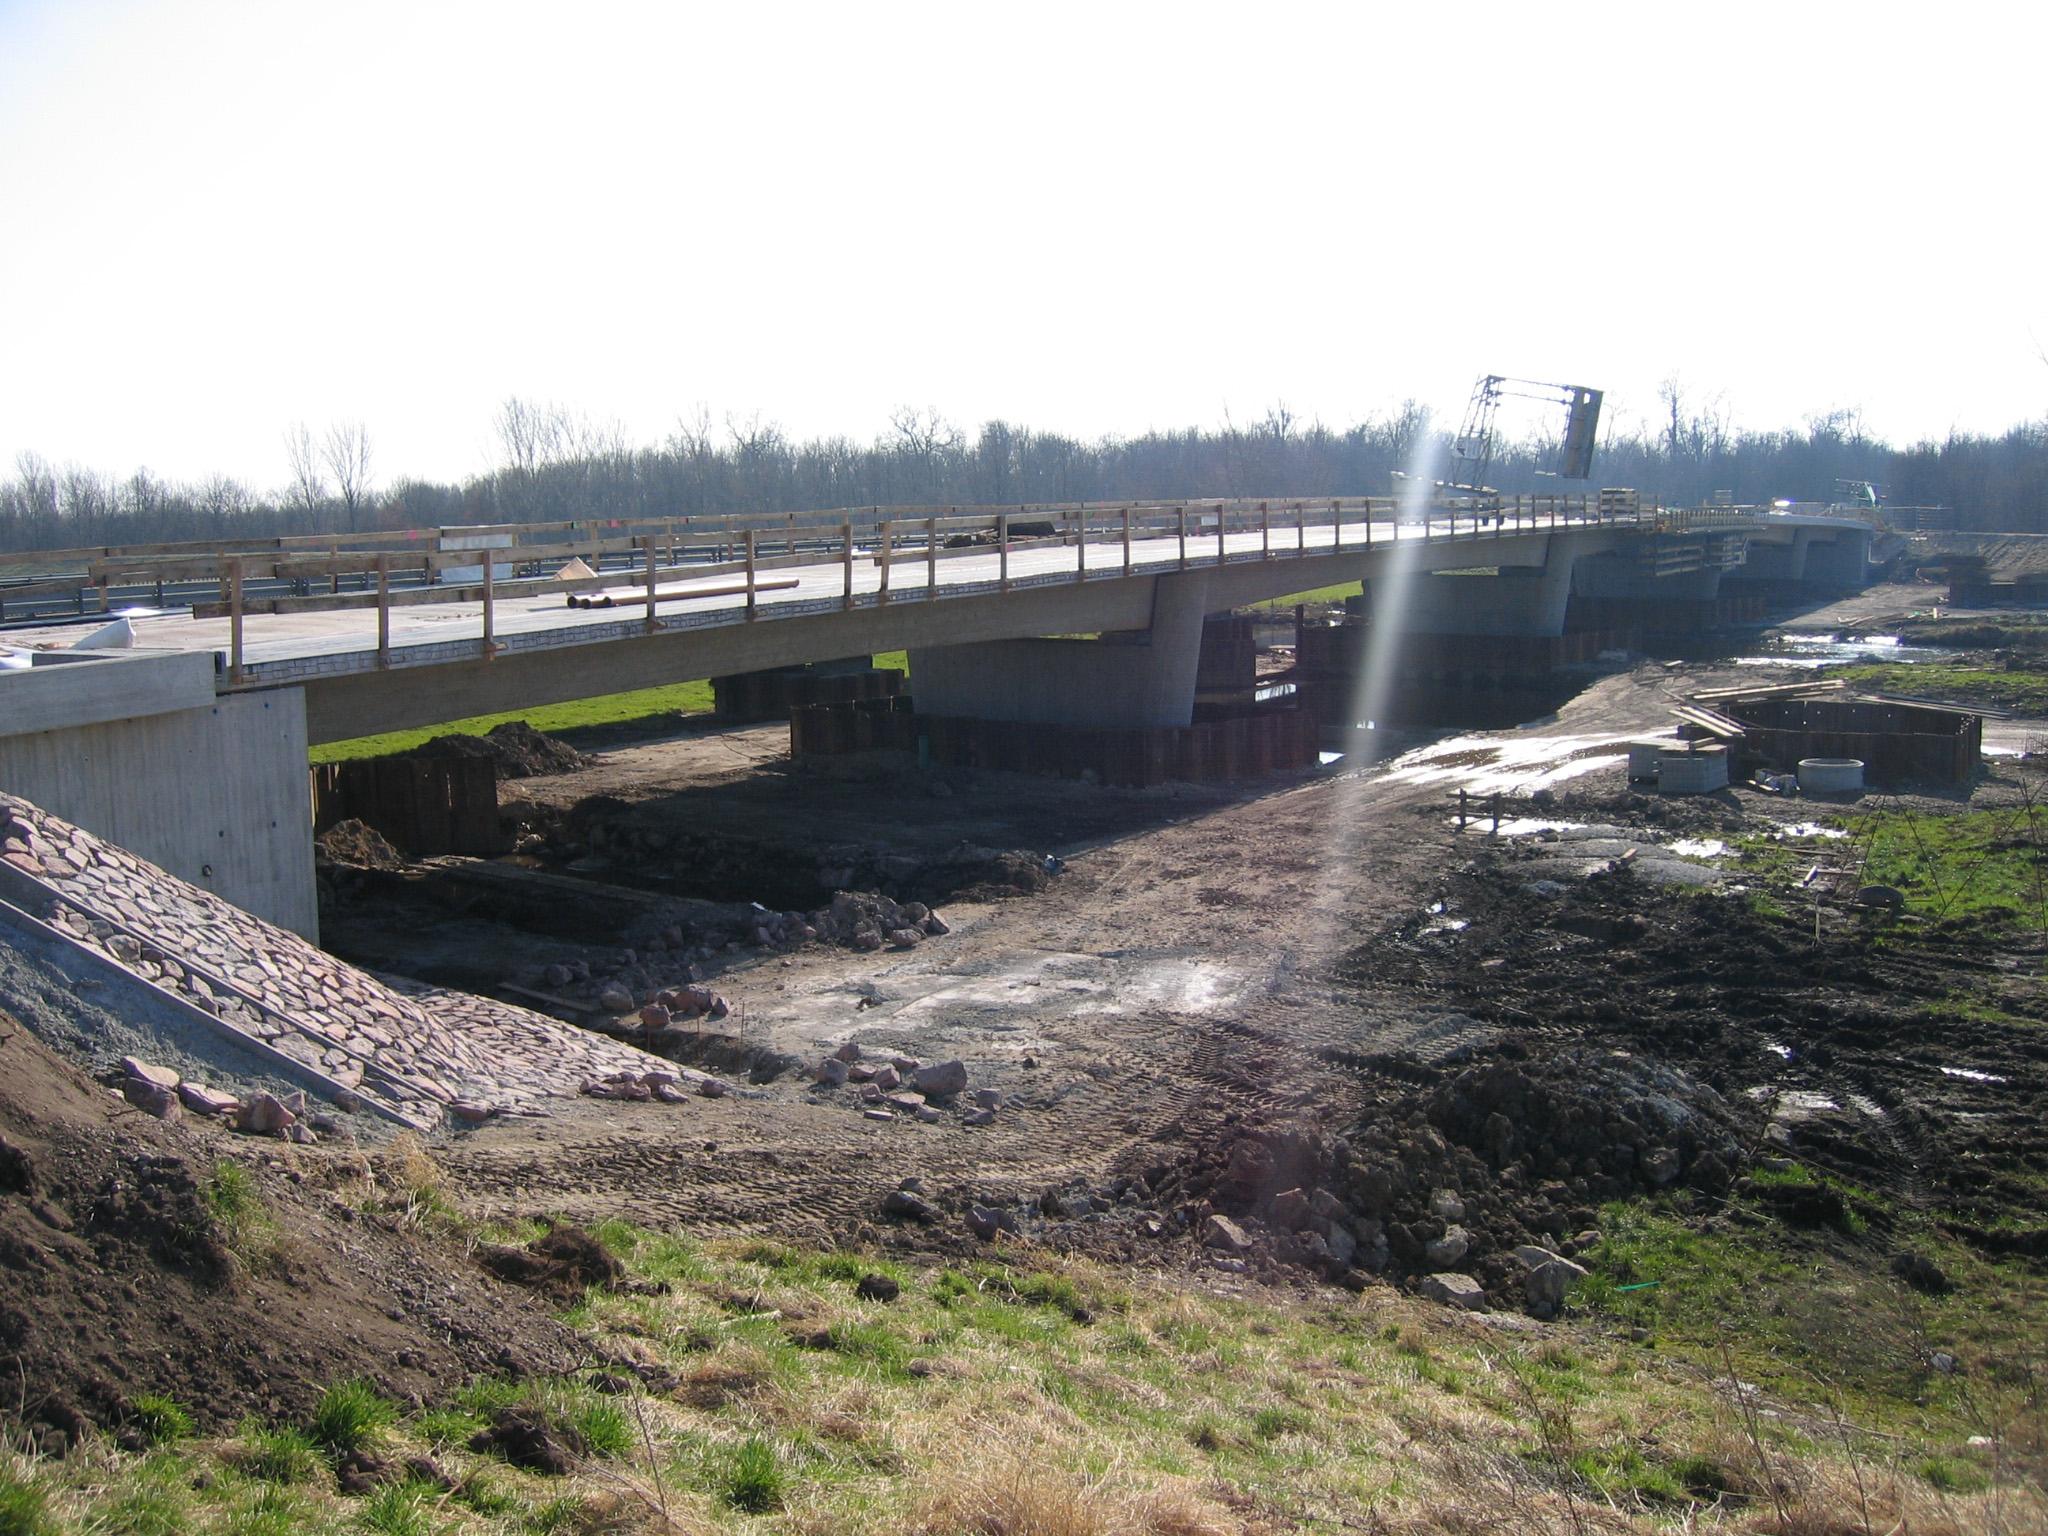 24.02.2008 - Die neue Brücke ist fast fertig